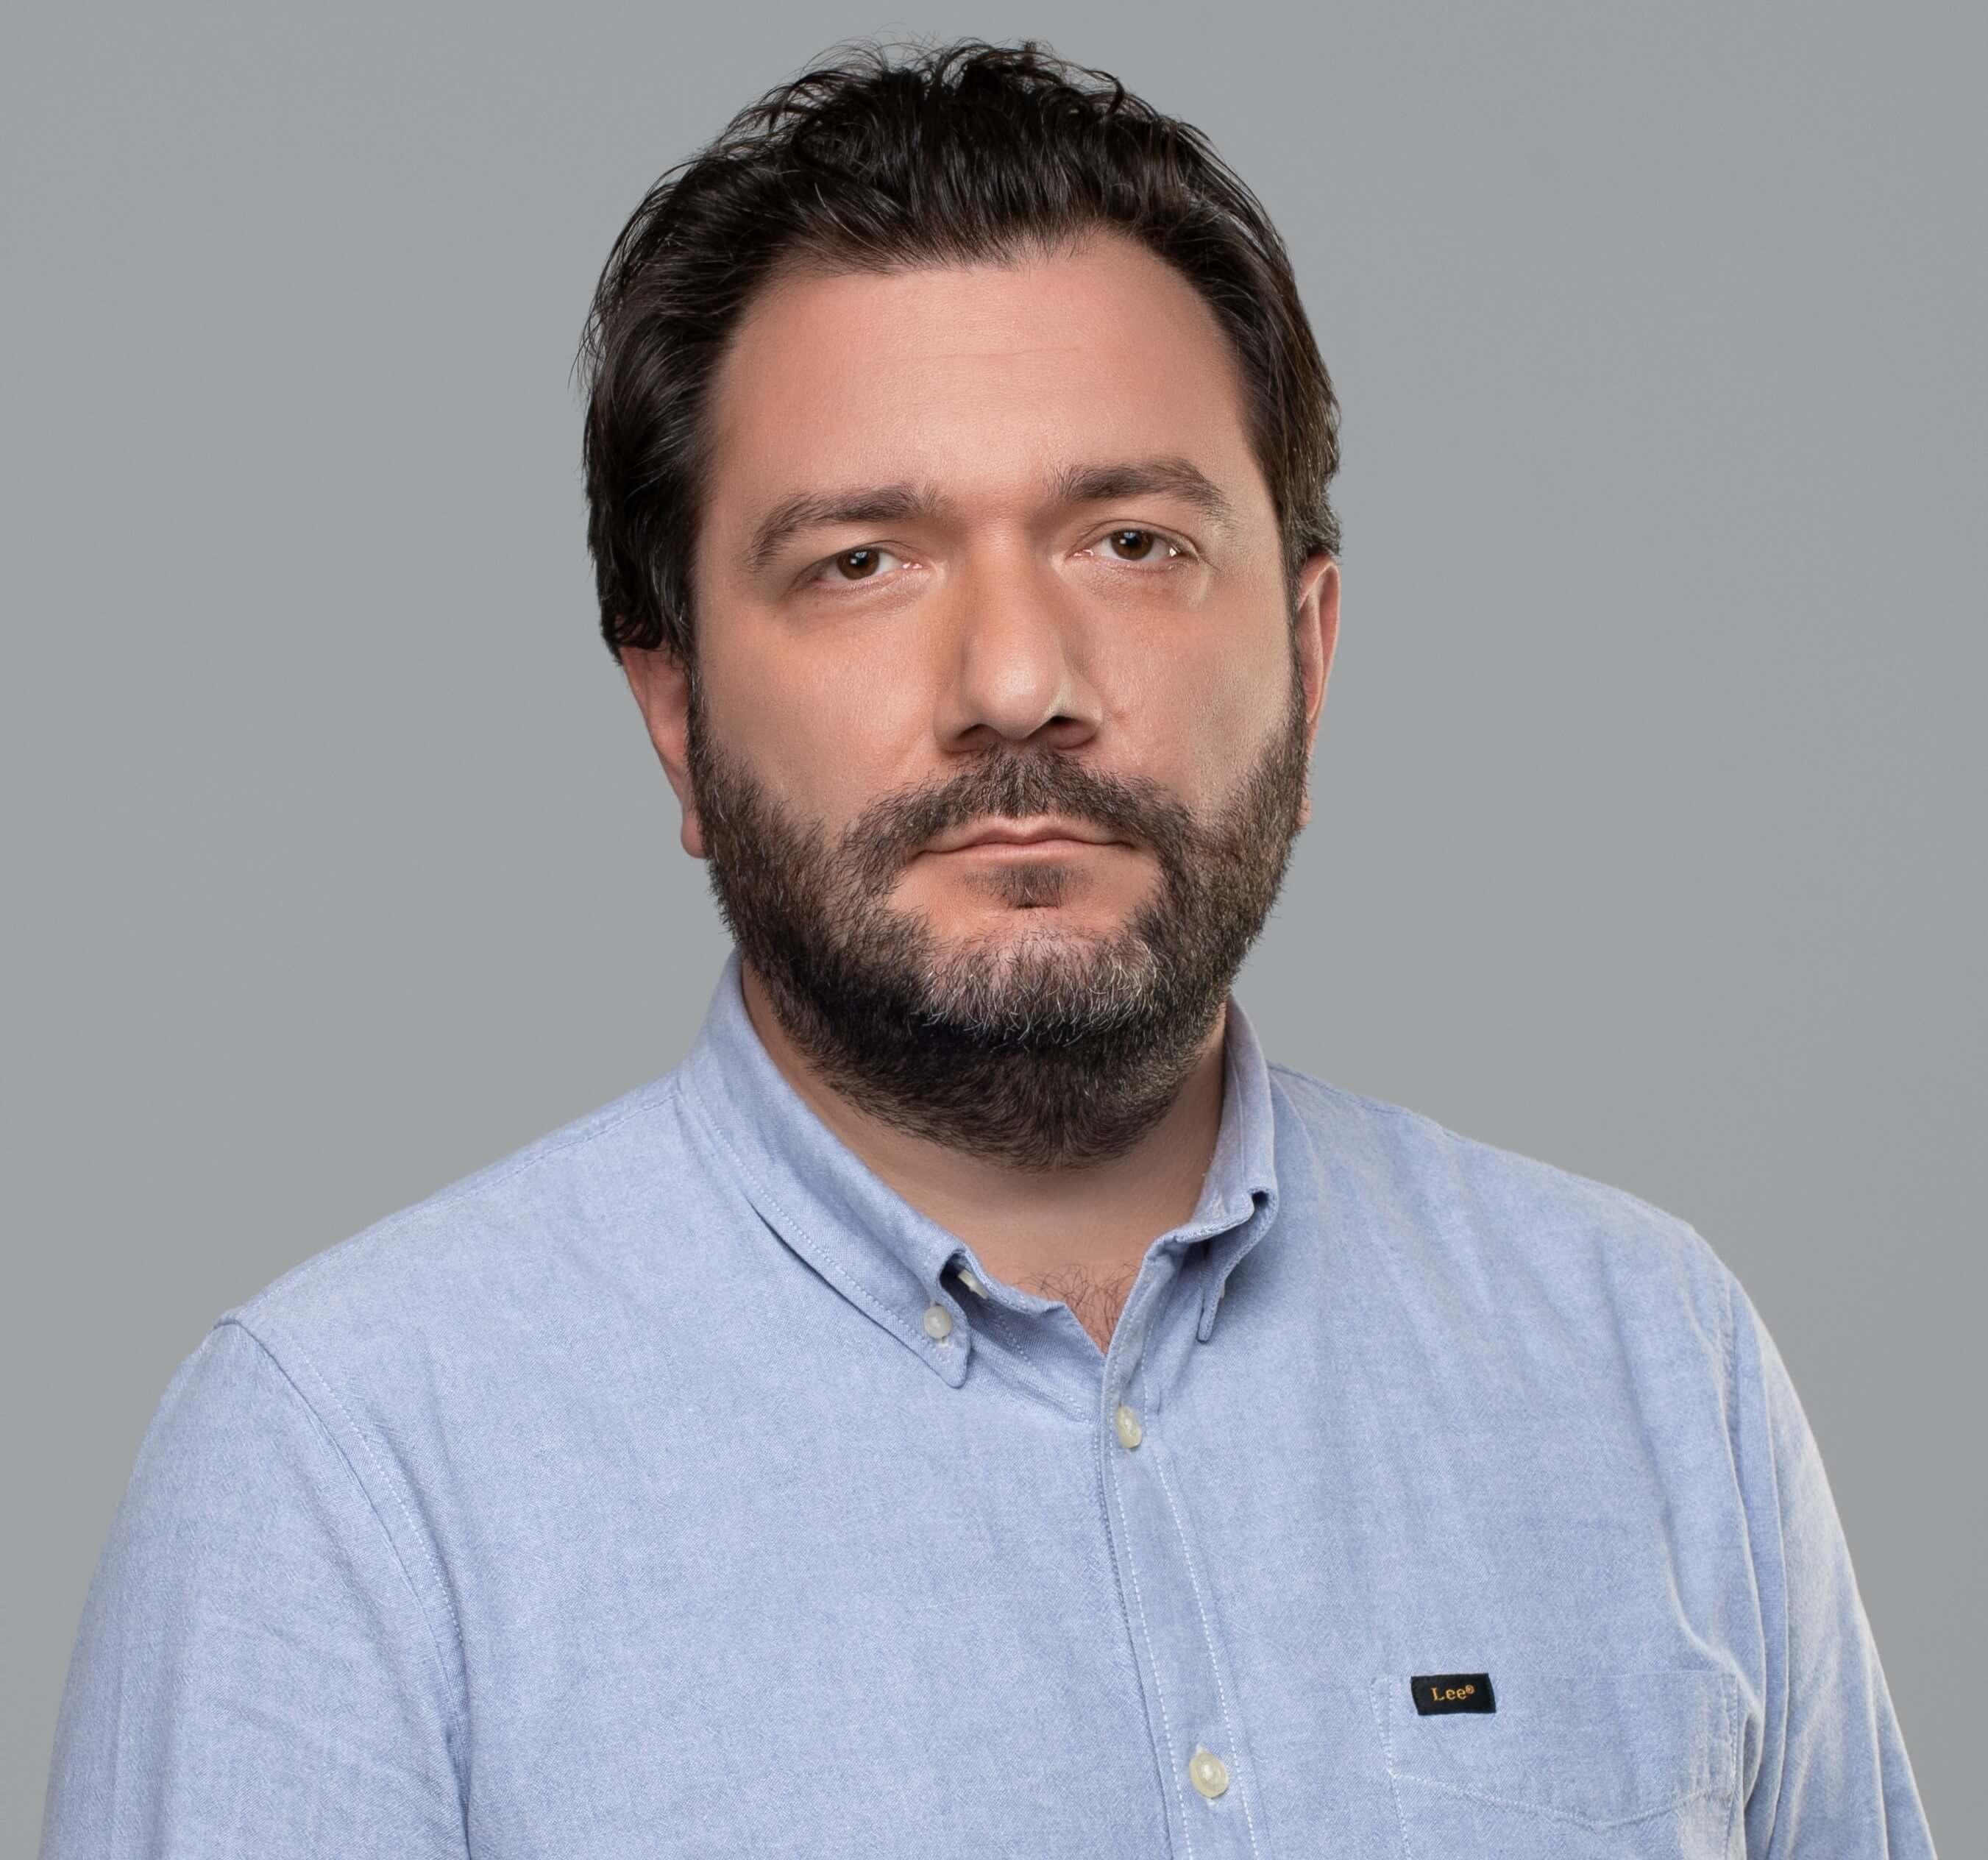 Giorgi Rukhadze